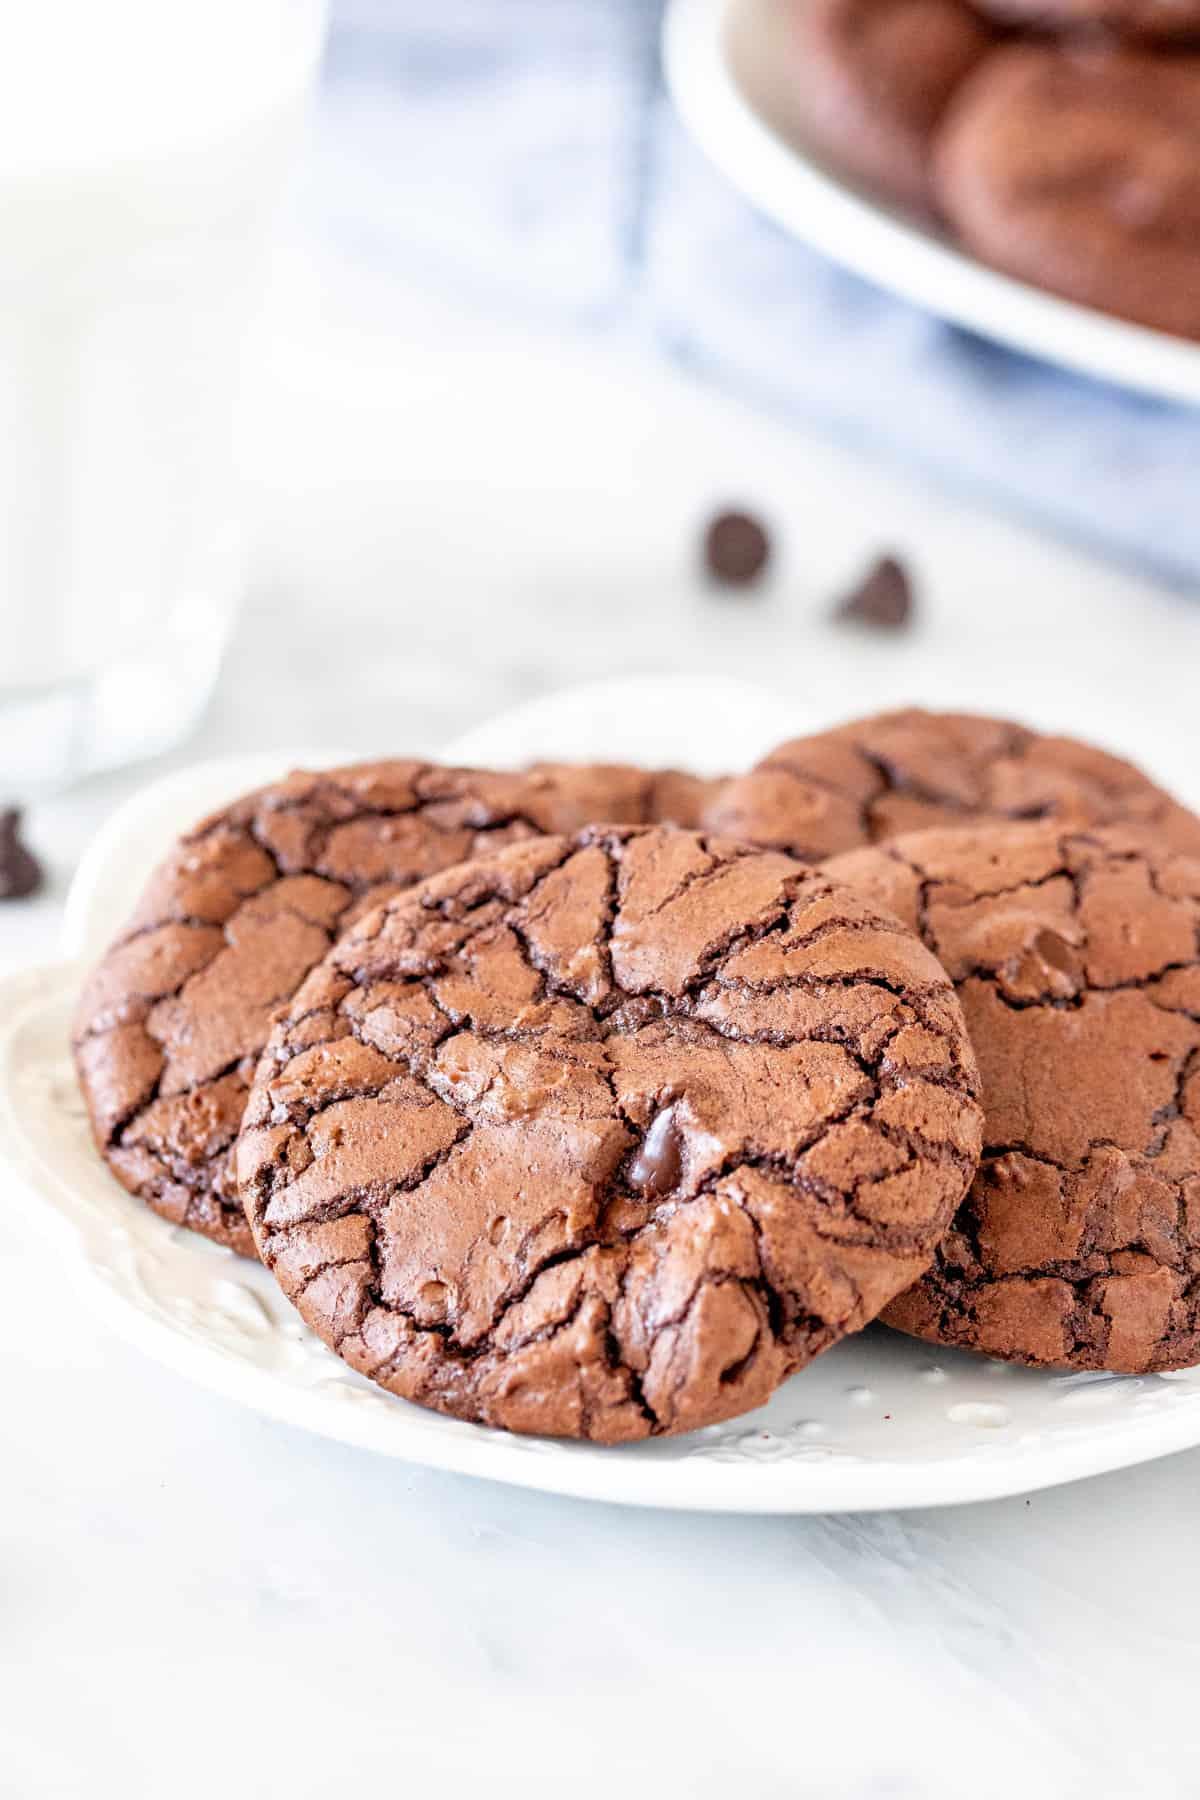 Plate of brownie cookies